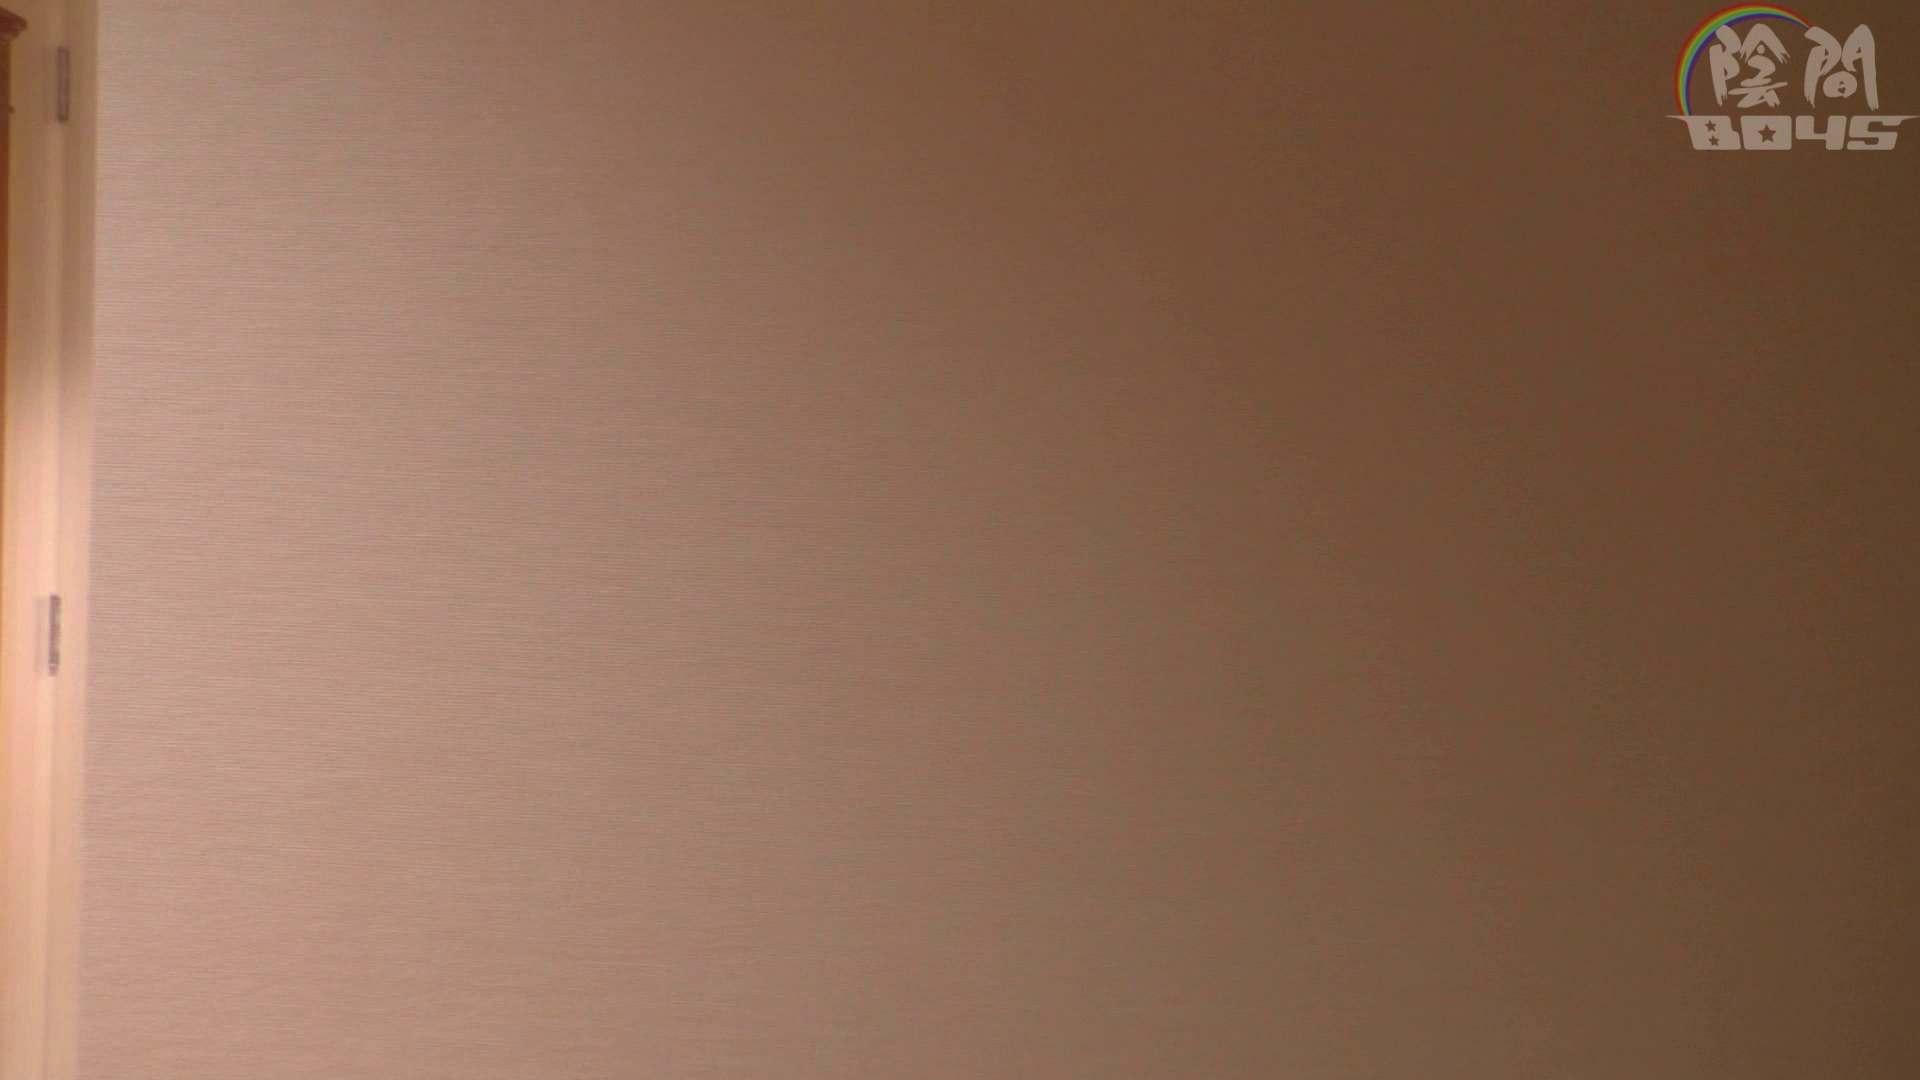 陰間BOYS~「アナルだけは許して…」~01 アナル ゲイザーメン画像 113枚 7